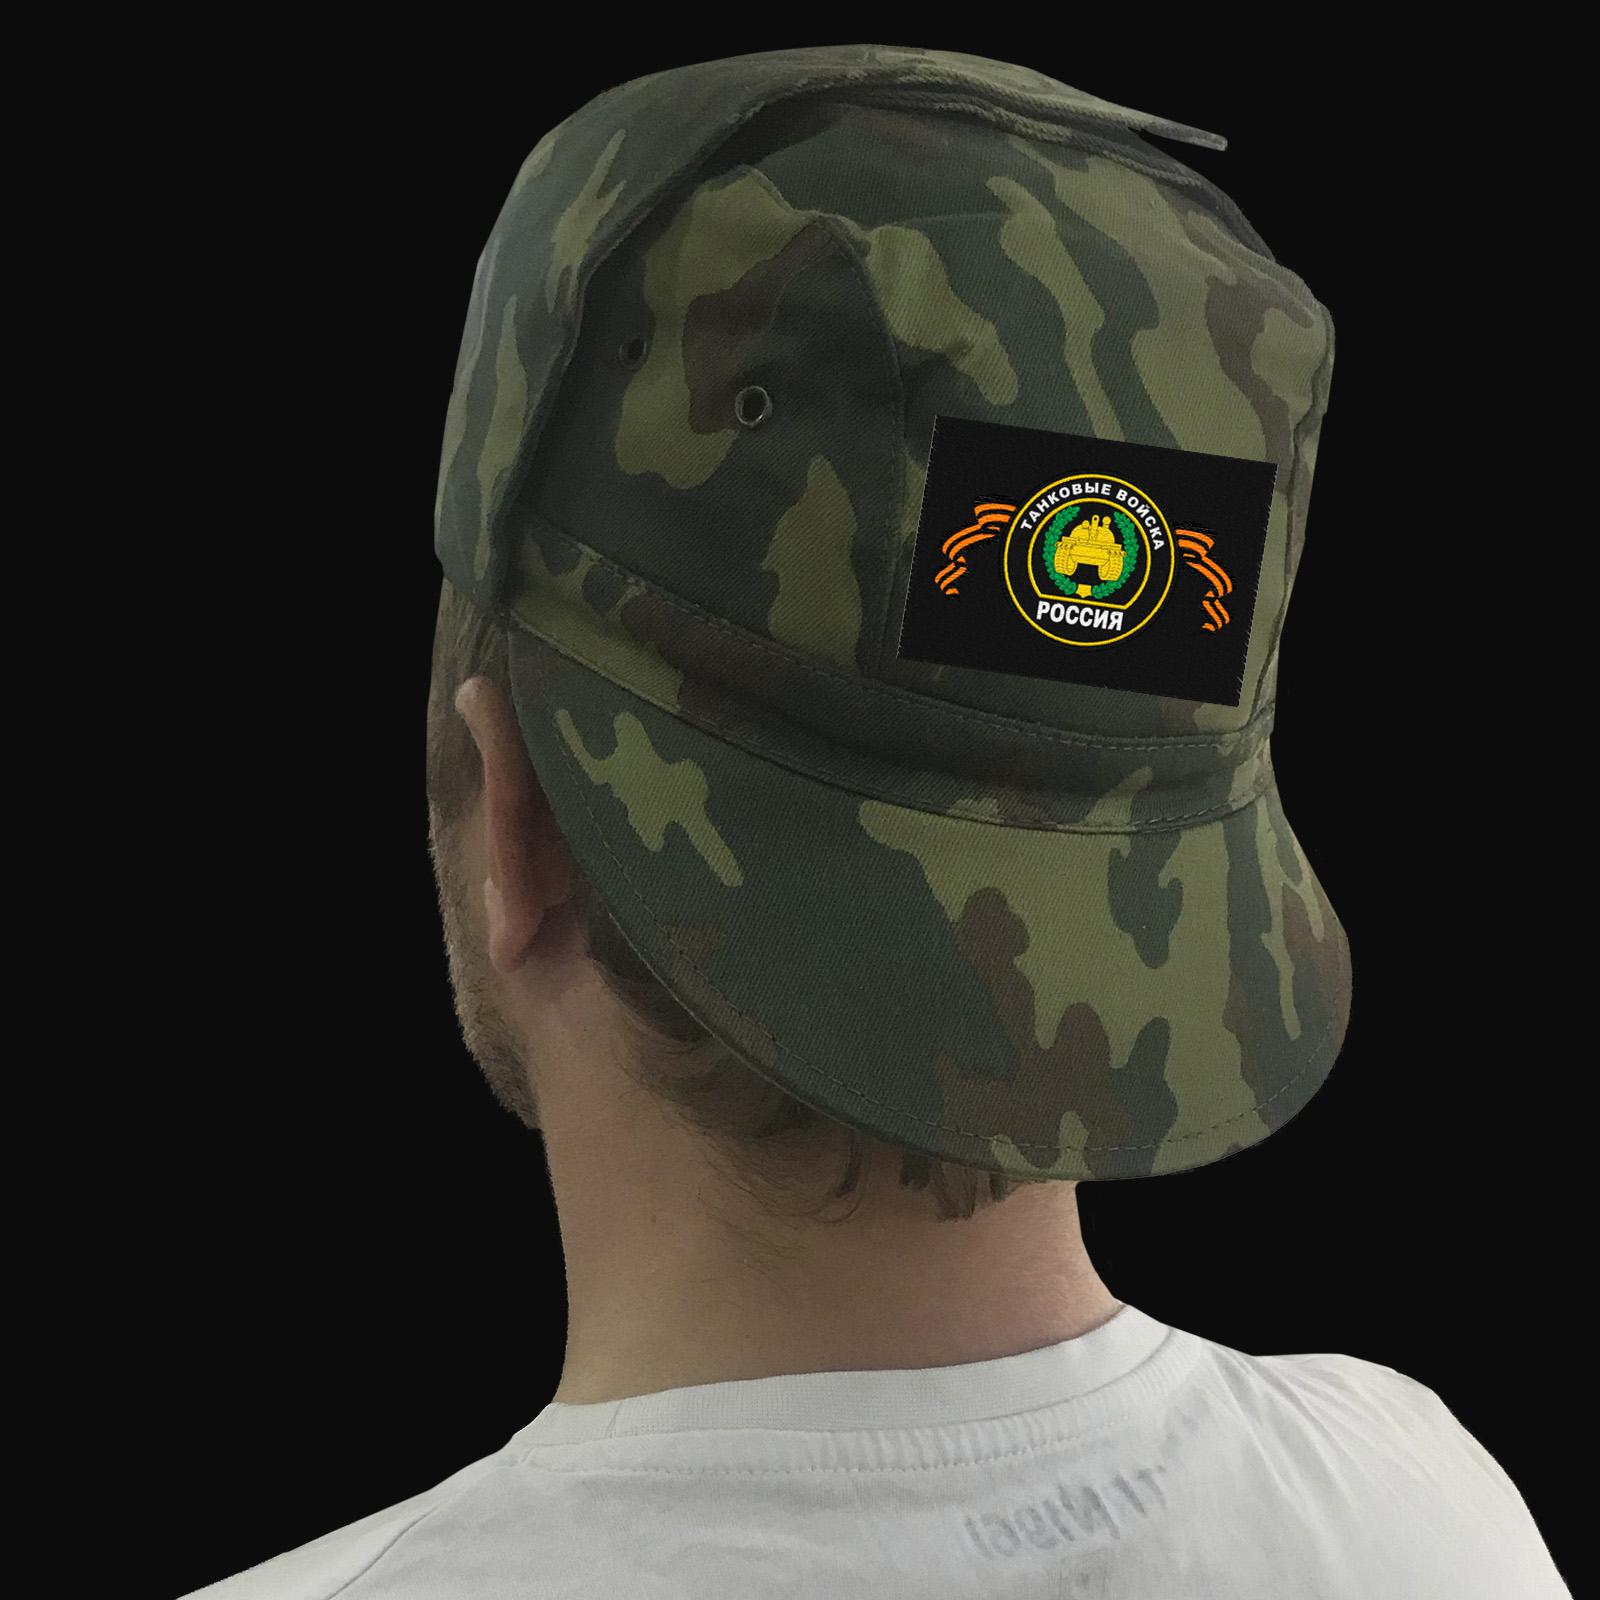 Камуфляжная кепка для танкиста – наличие в Москве